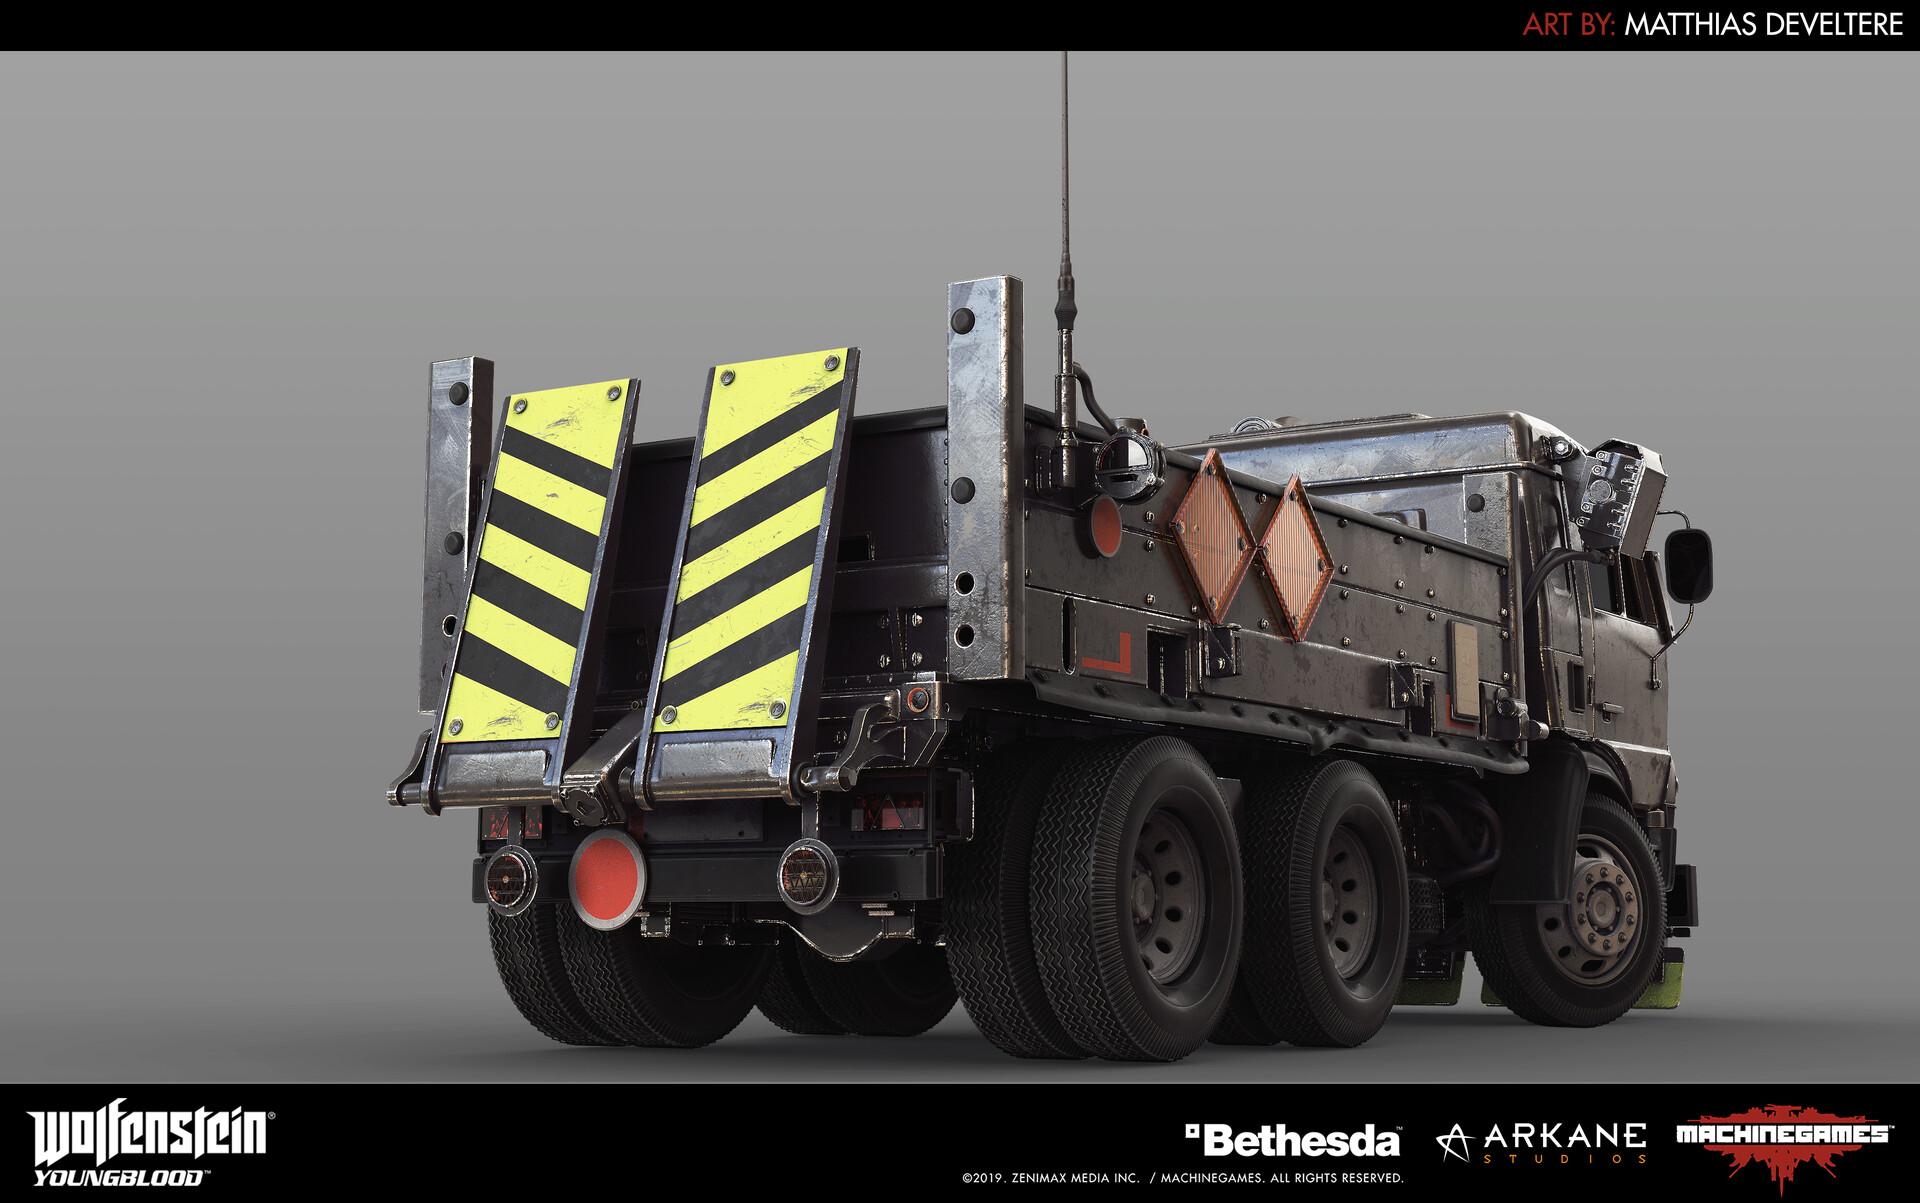 Matthias develtere truck 7